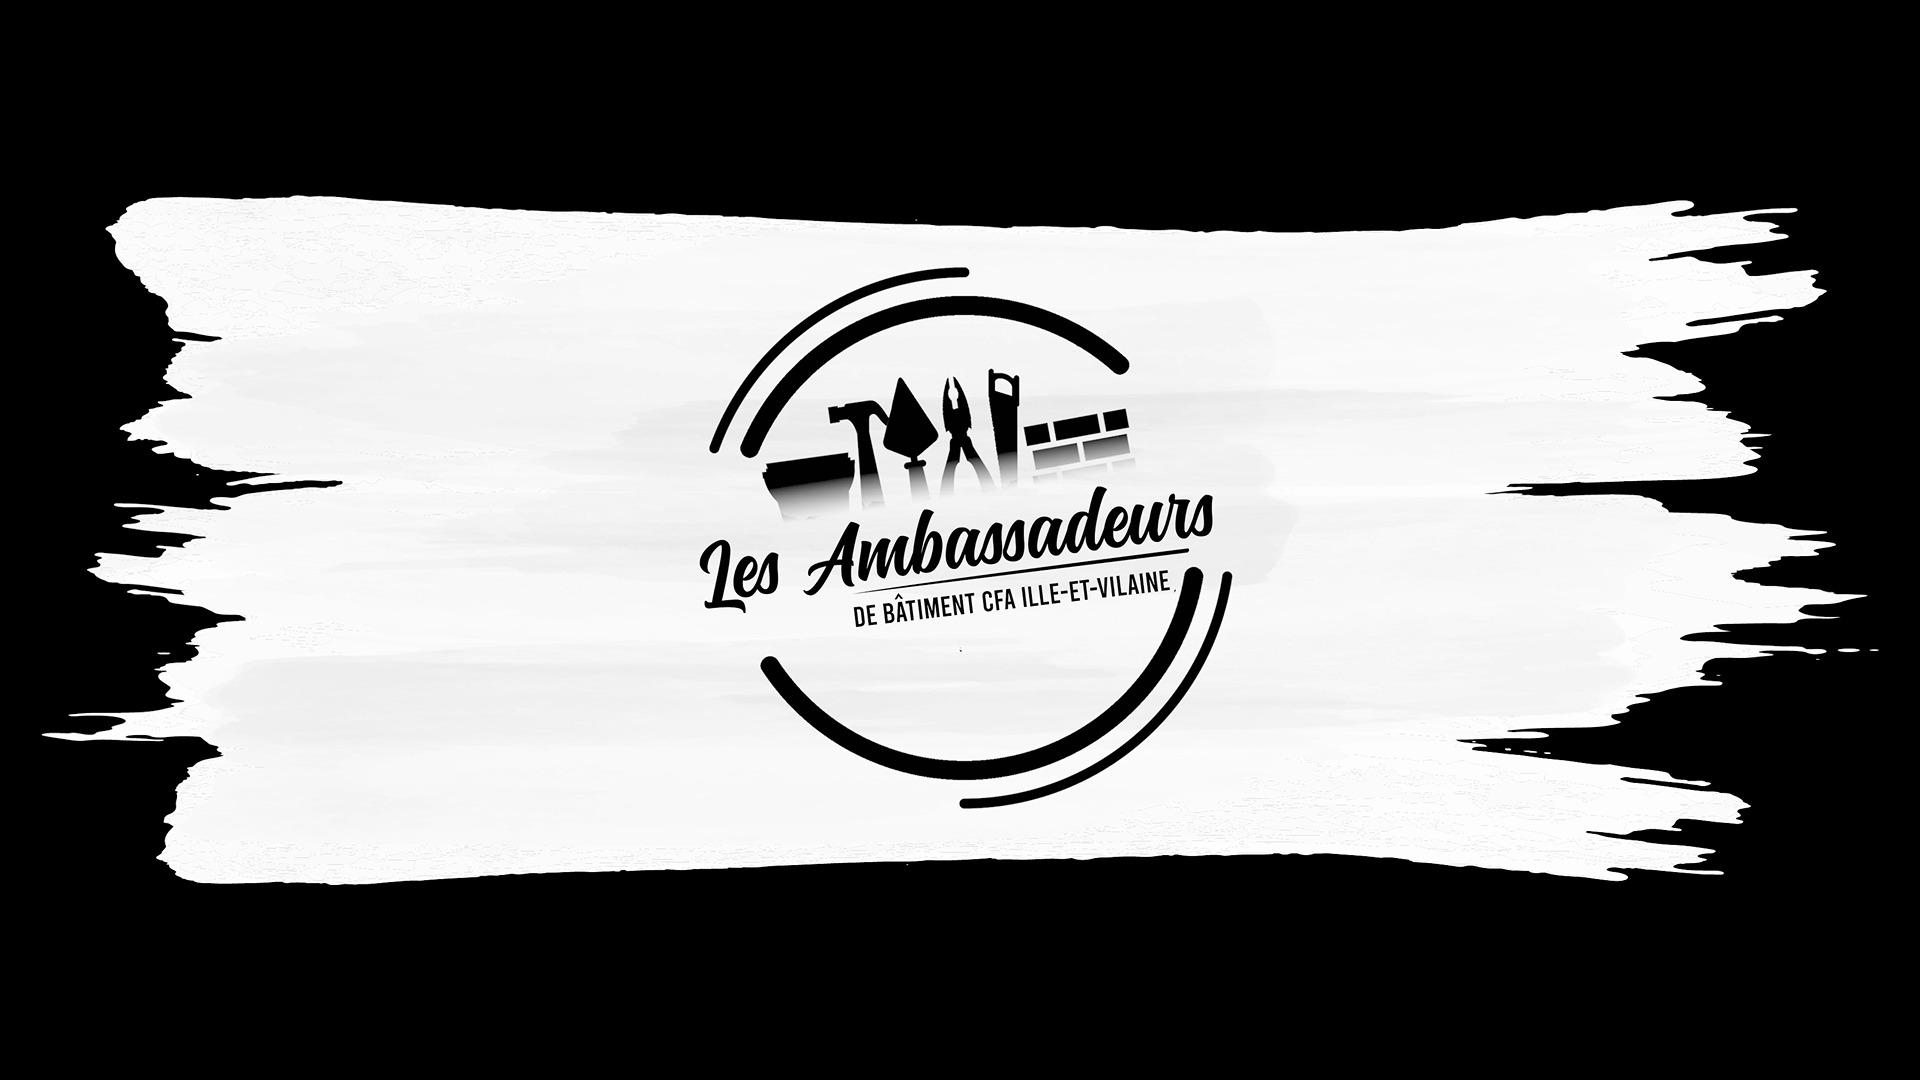 Les ambassadeurs du Bâtiment CFA Ille-et-Vilaine en vidéo !